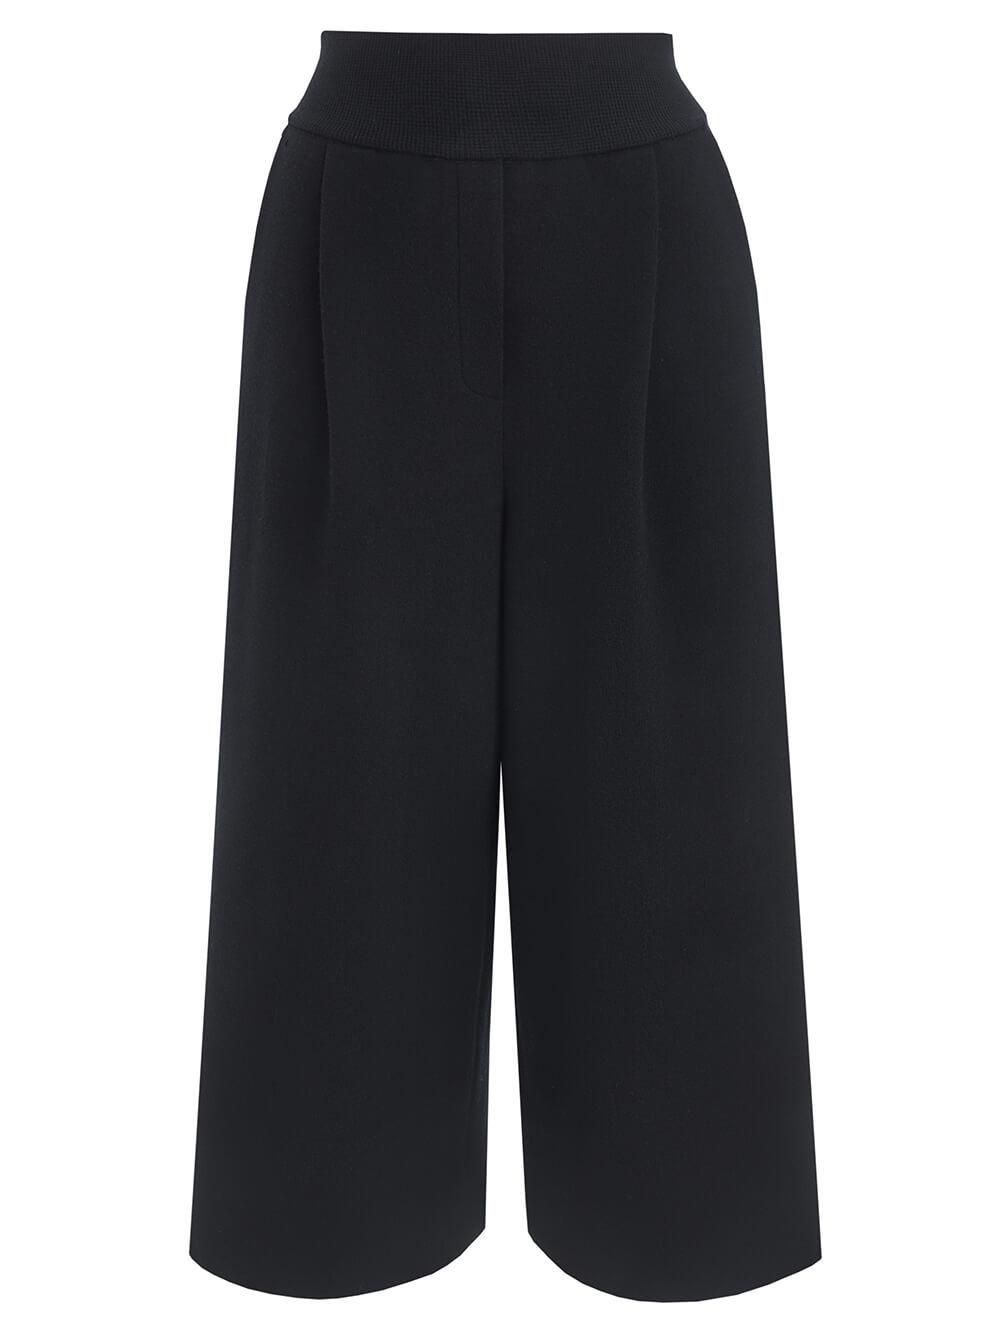 Женские свободные брюки черного цвета из шерсти - фото 1